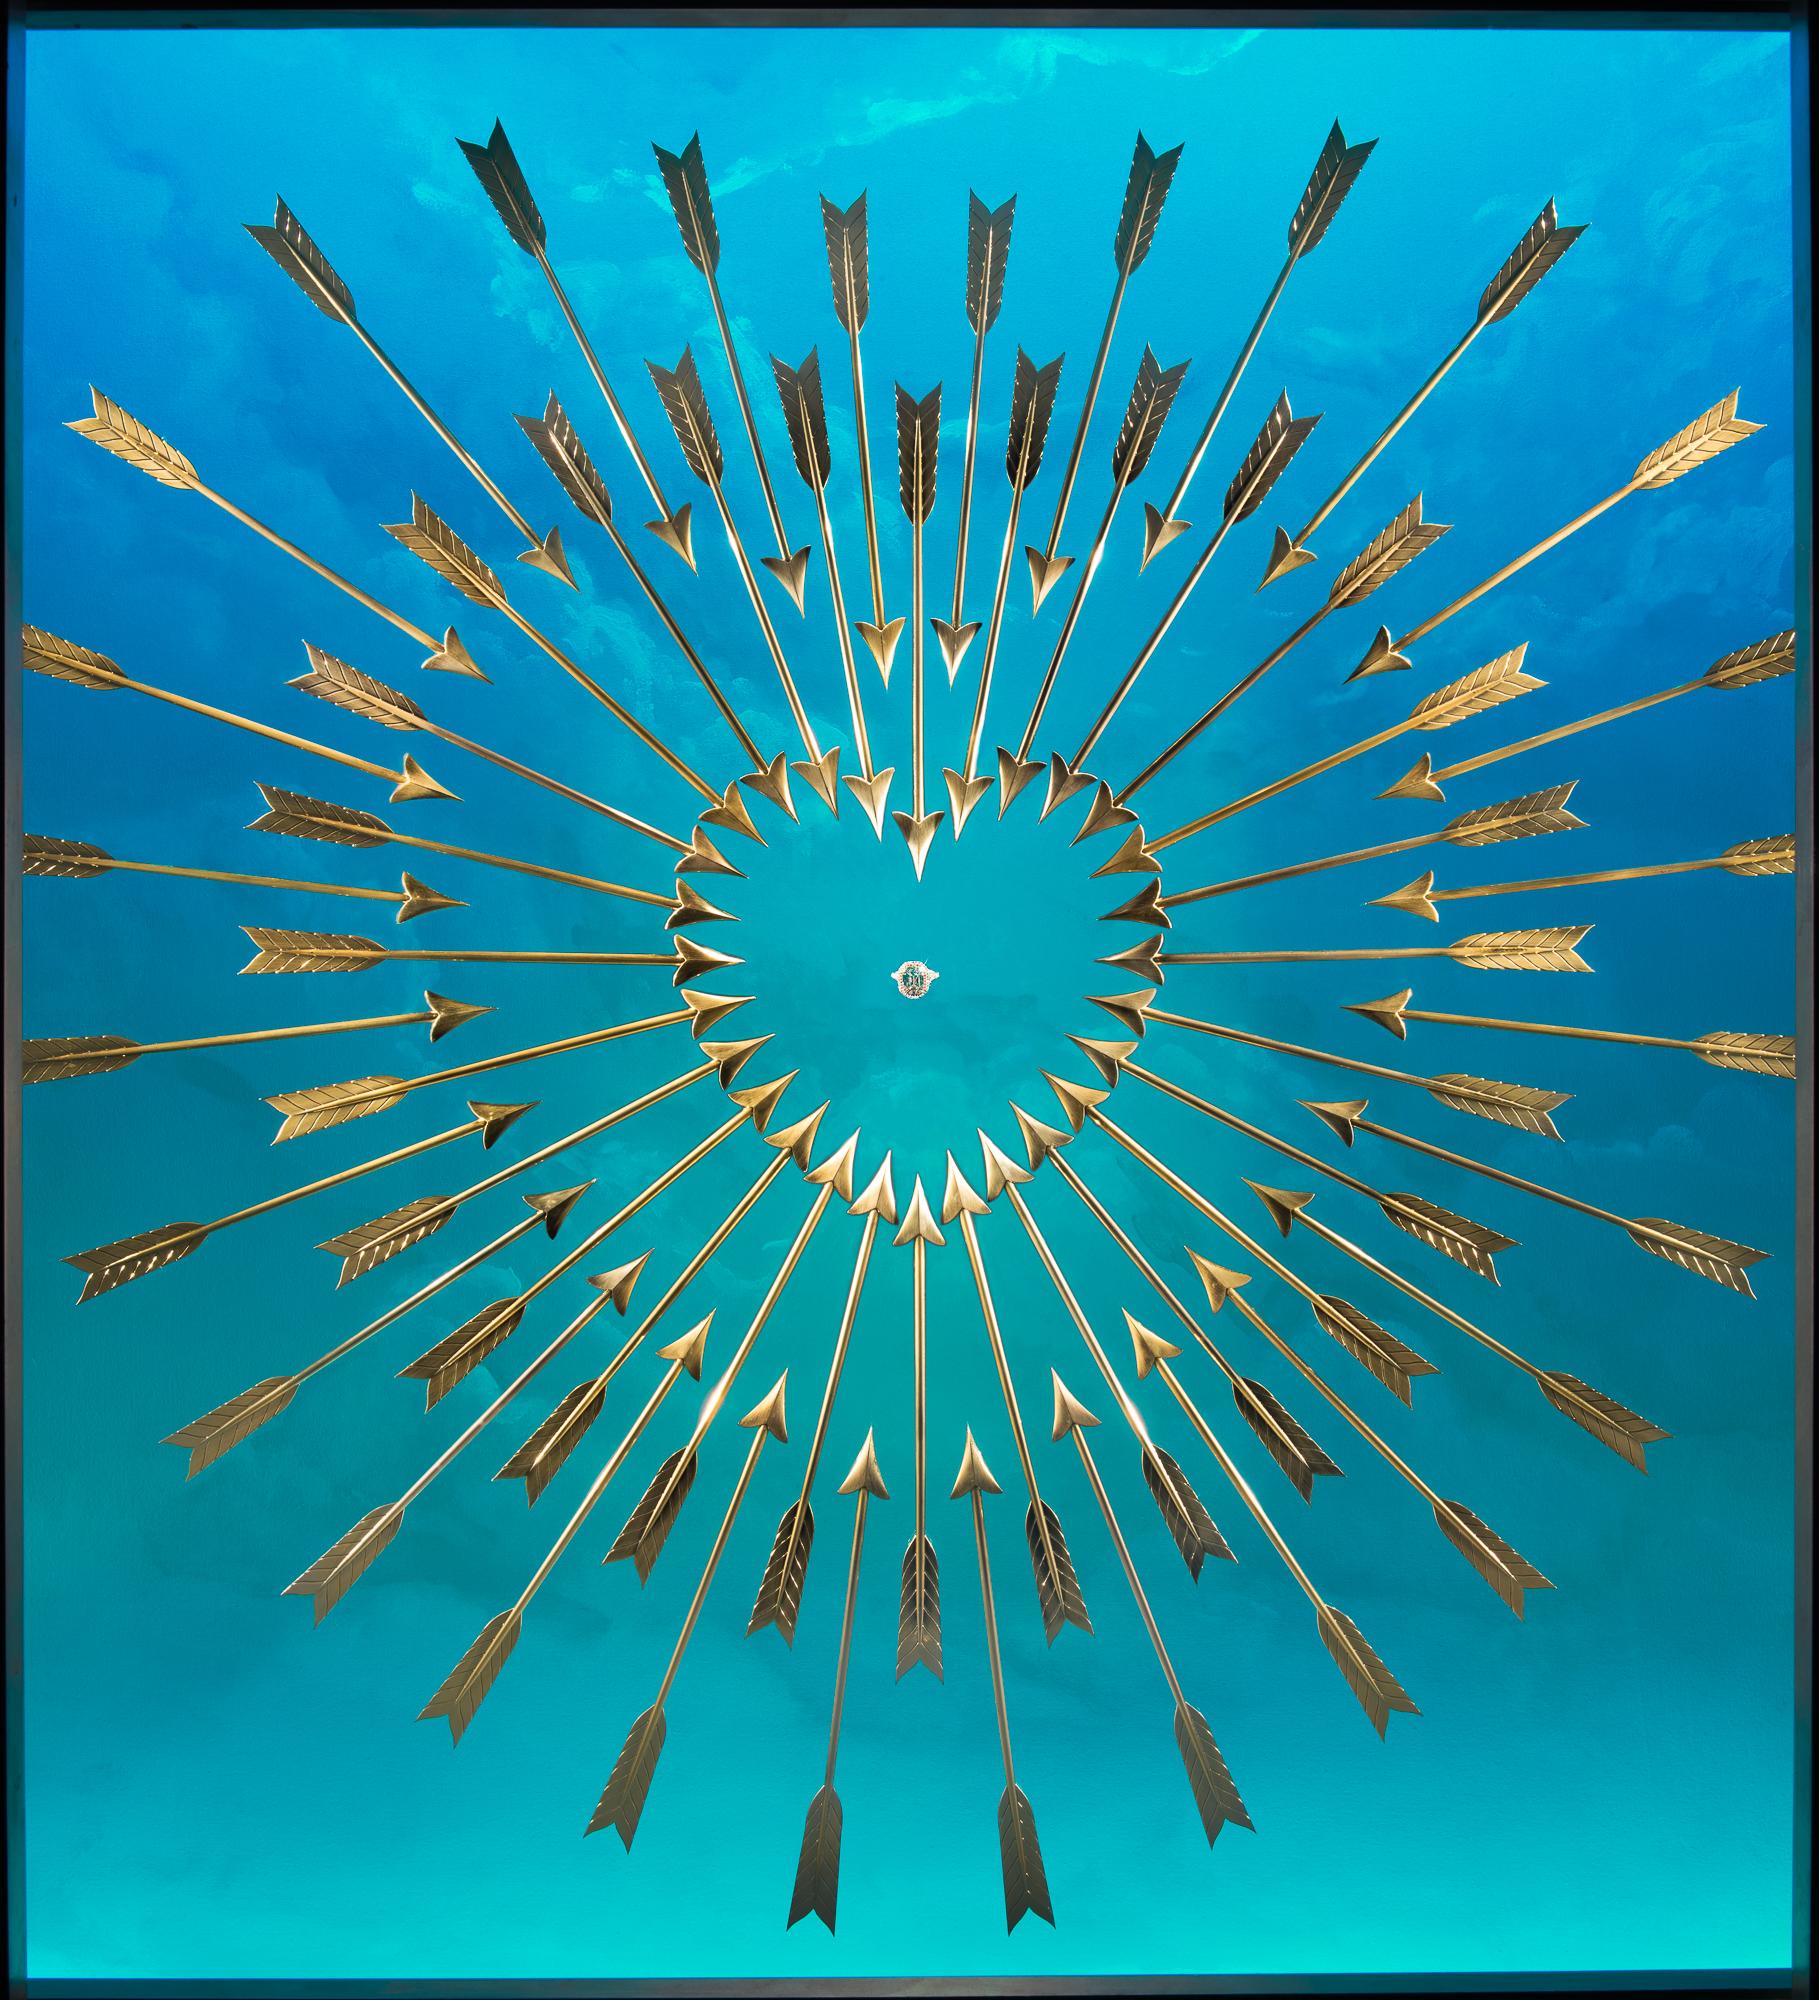 003_tiffany_Valentine_blue-1.jpg